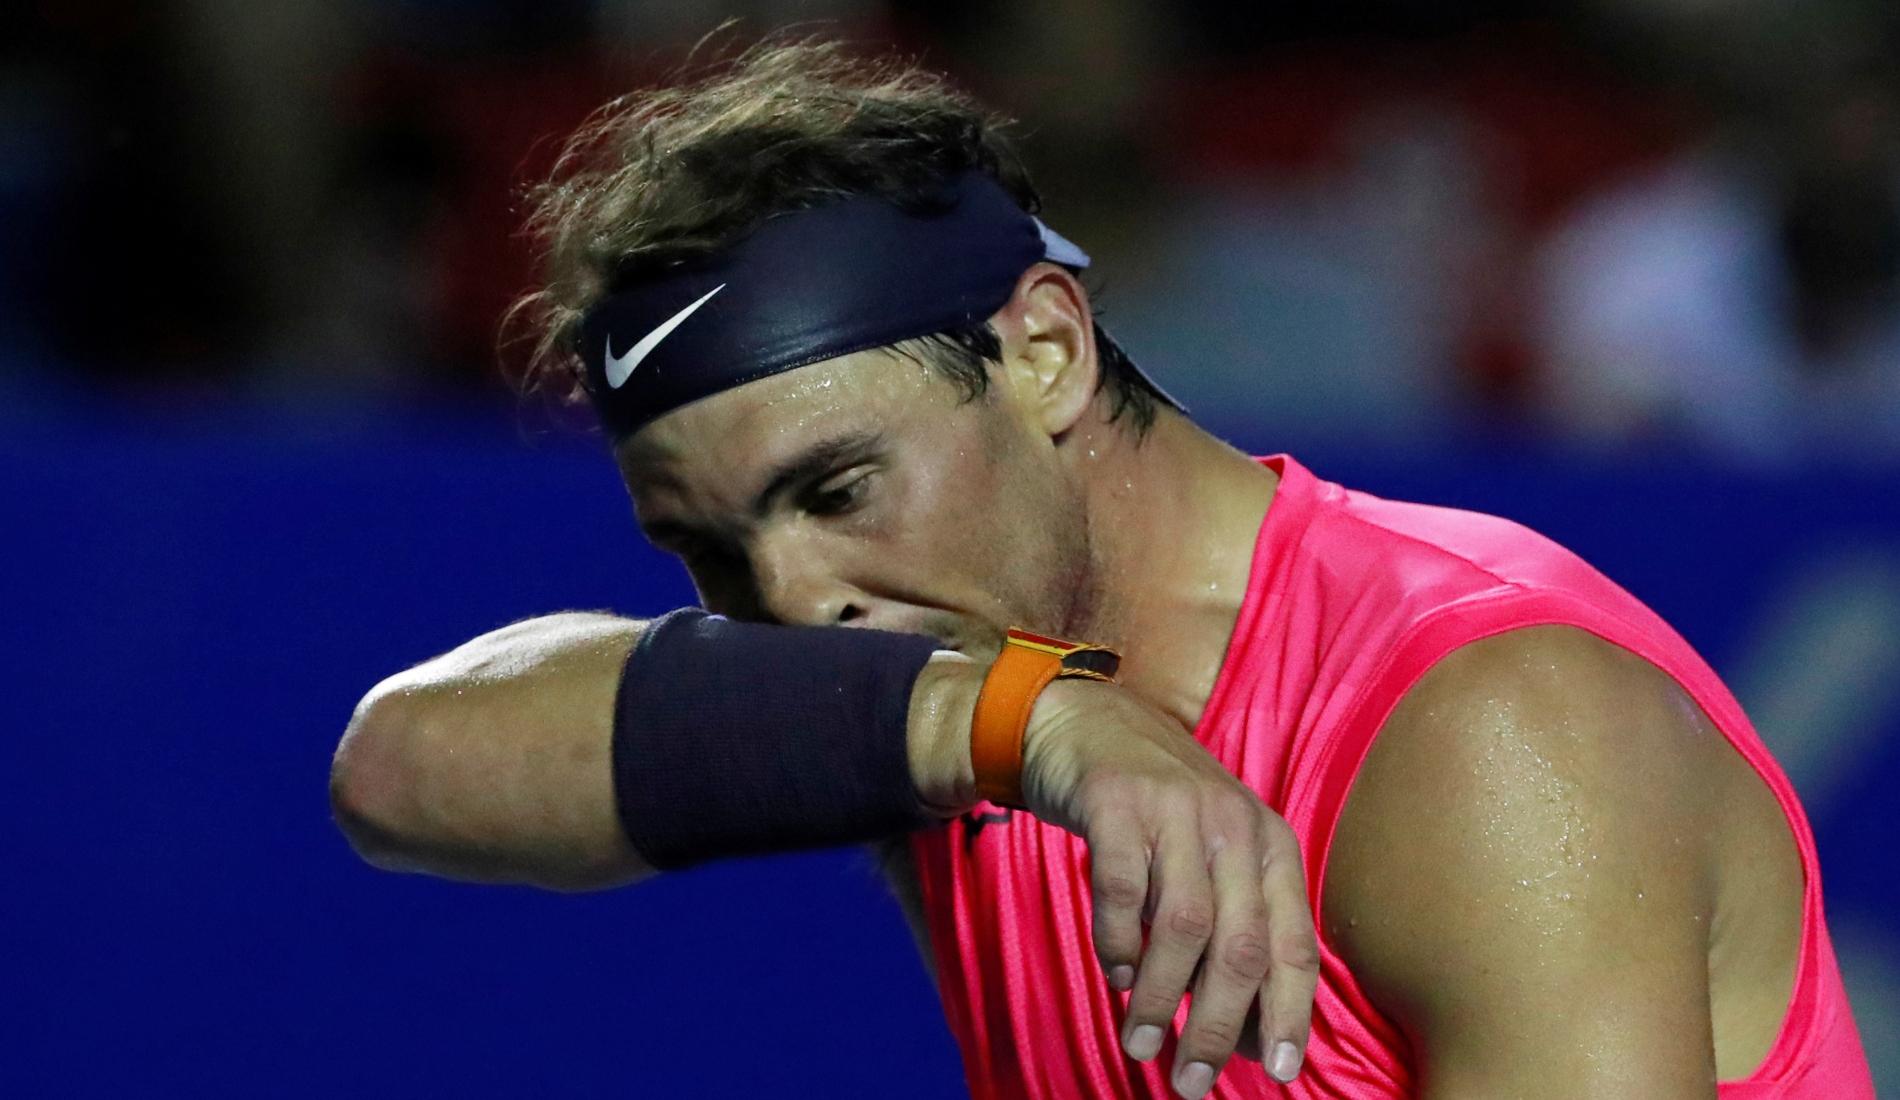 Rafael Nadal at the 2020 Acapulco tournament